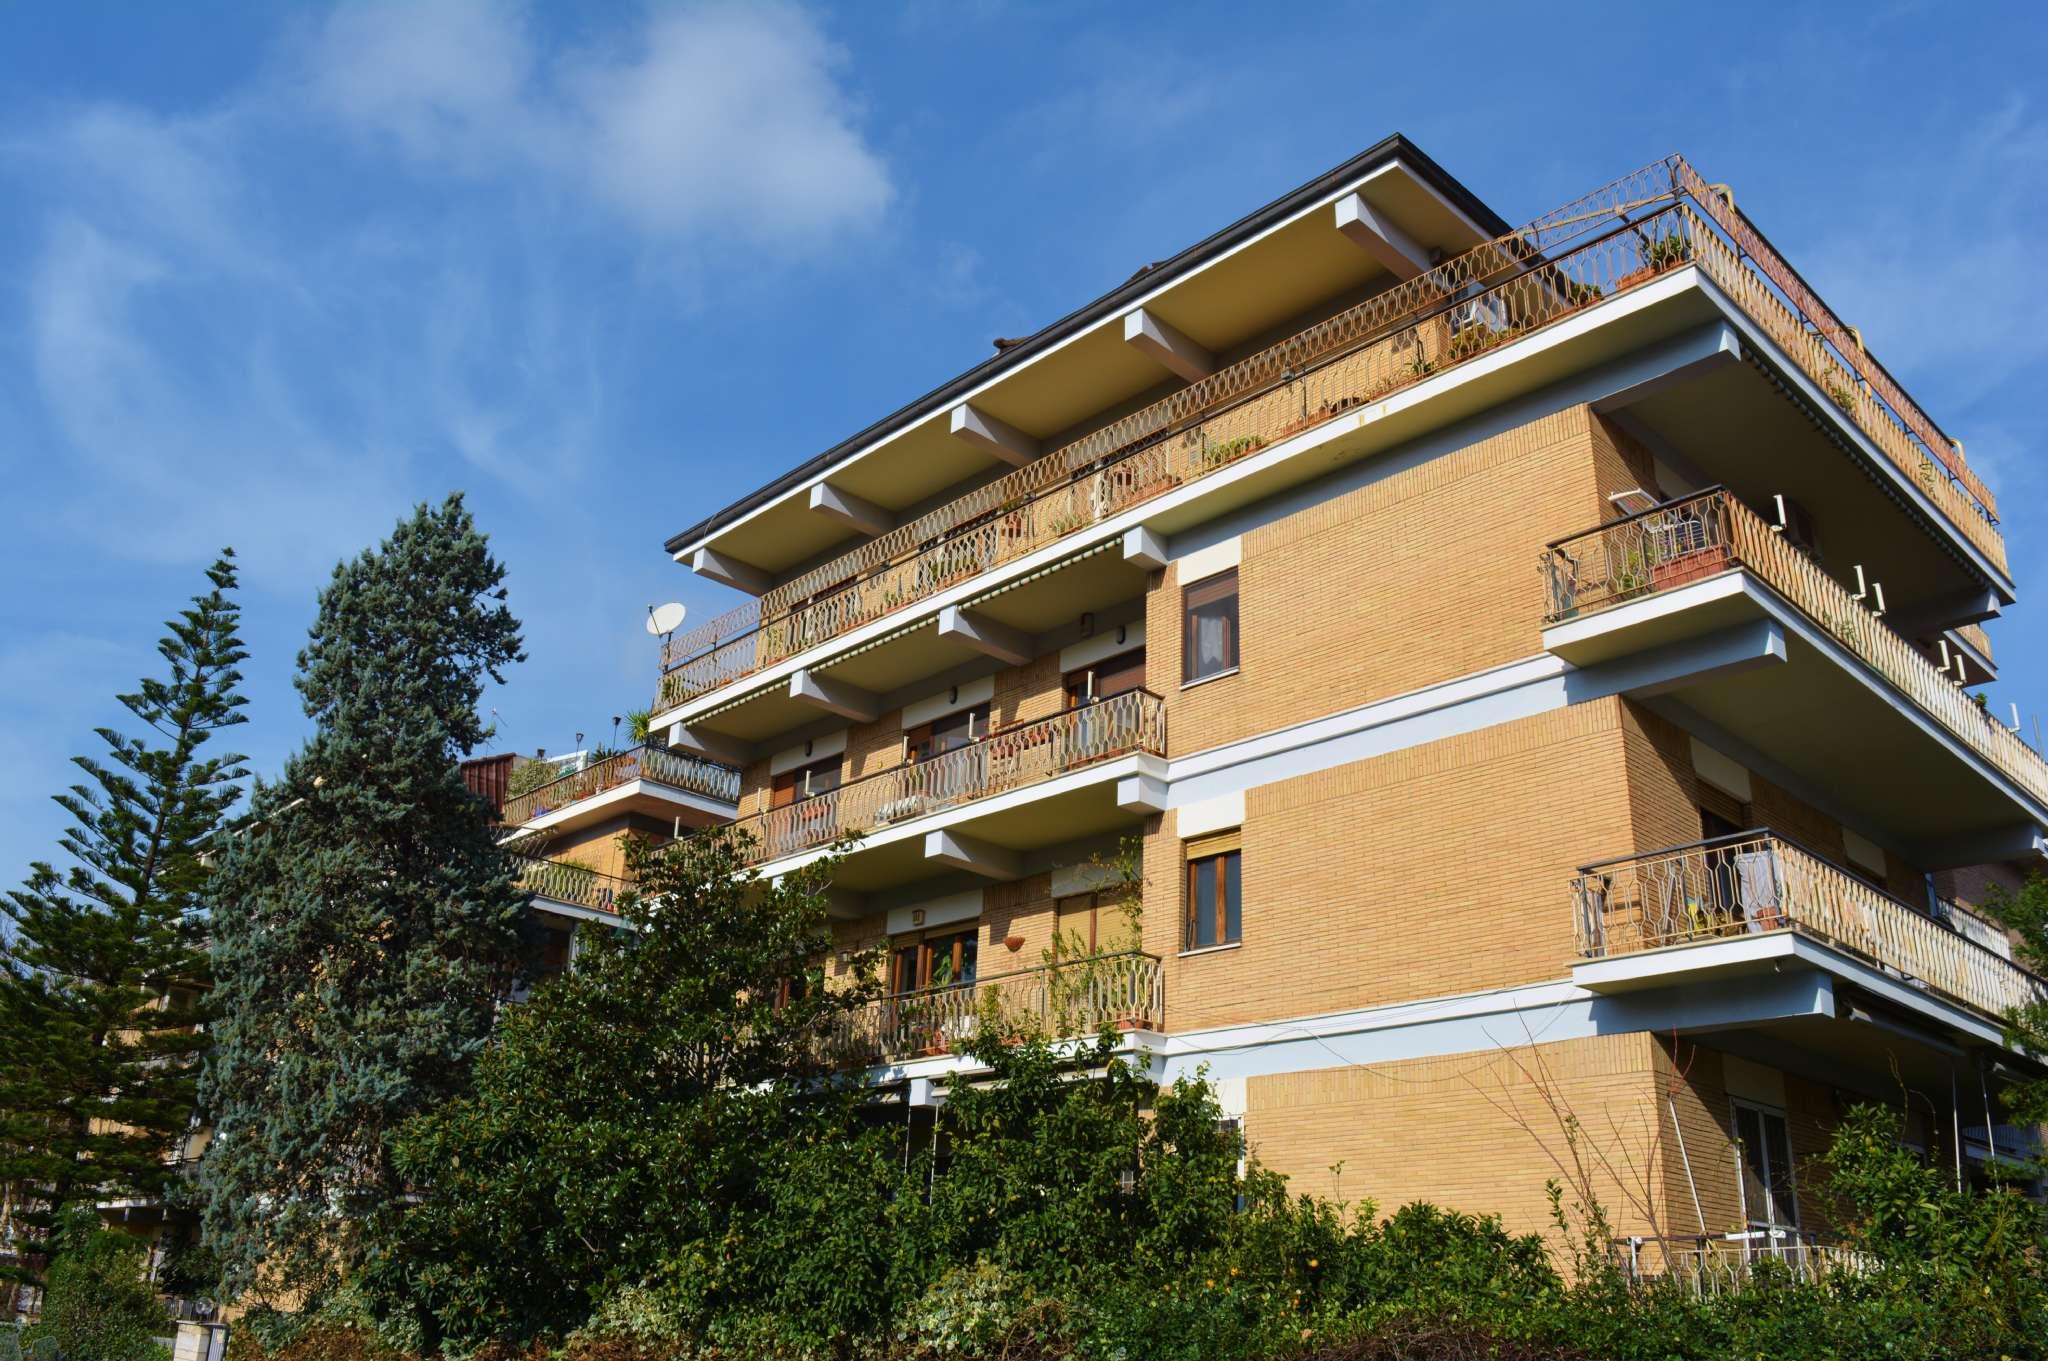 Appartamento in vendita a Roma, 3 locali, zona Zona: 24 . Gianicolense - Colli Portuensi - Monteverde, prezzo € 225.000 | CambioCasa.it